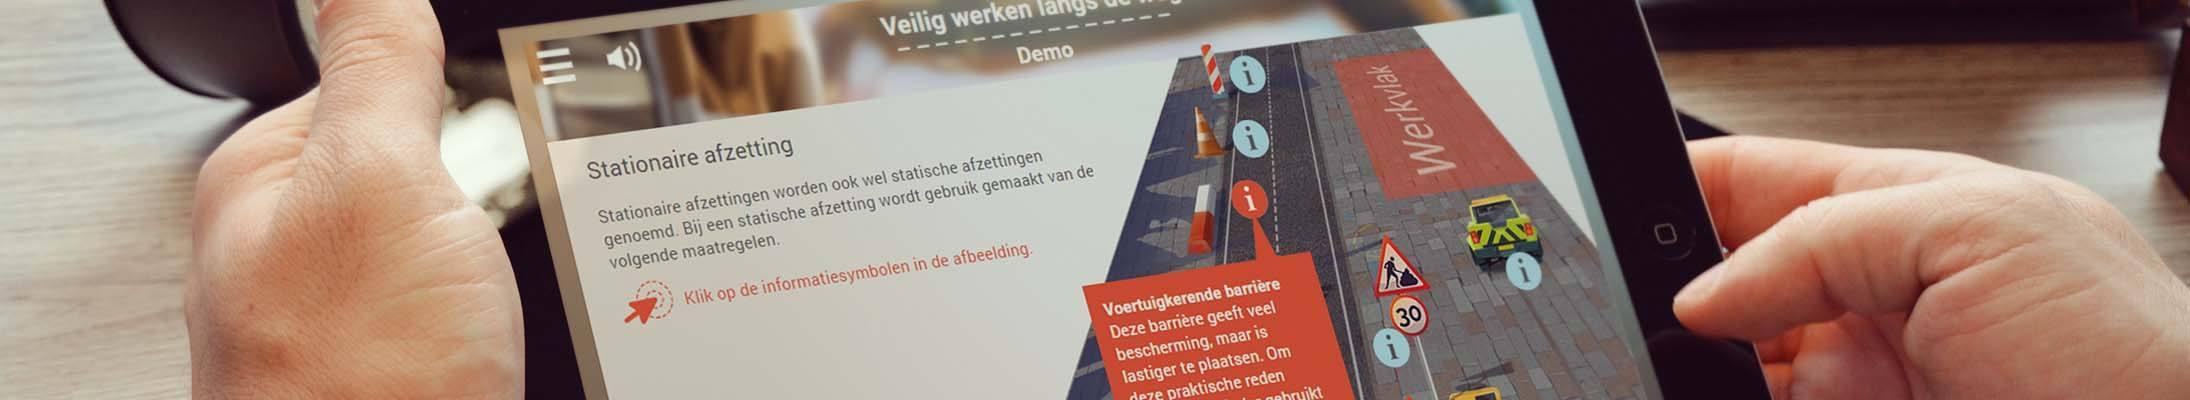 Veilig werken langs de weg e-learning